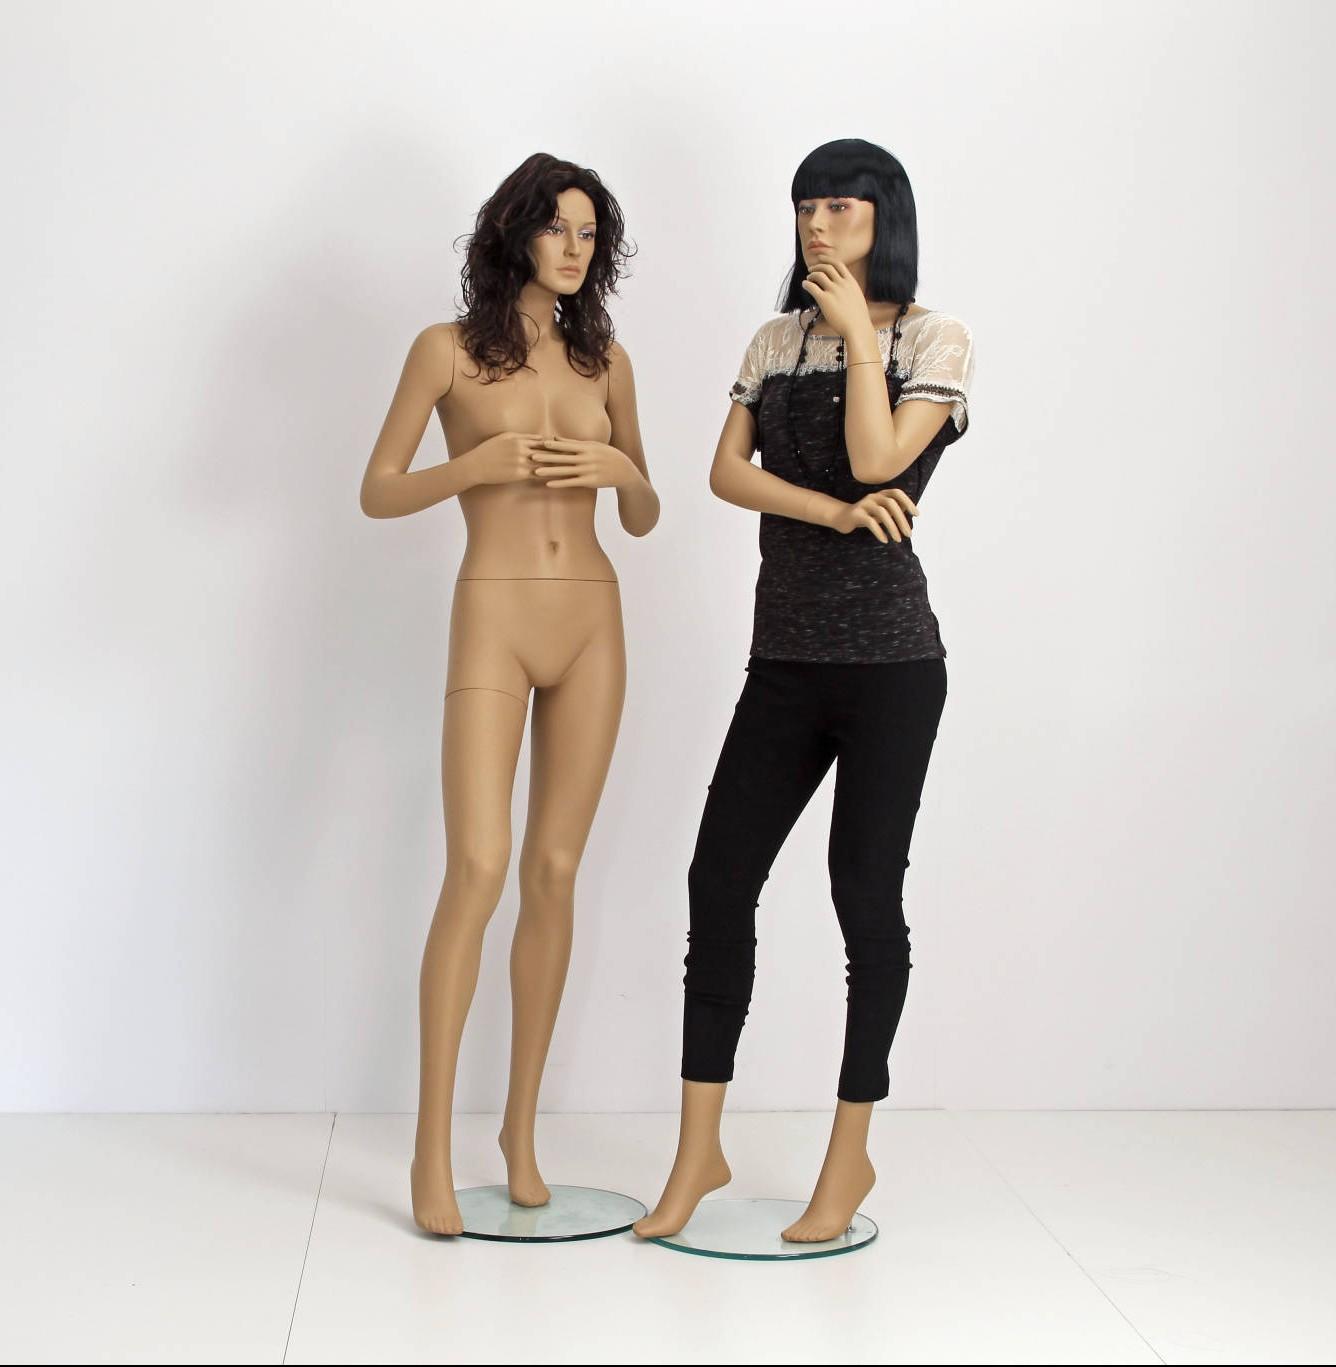 Billig mannequin. Tilbud billig mannequin med paryk naturalistisk